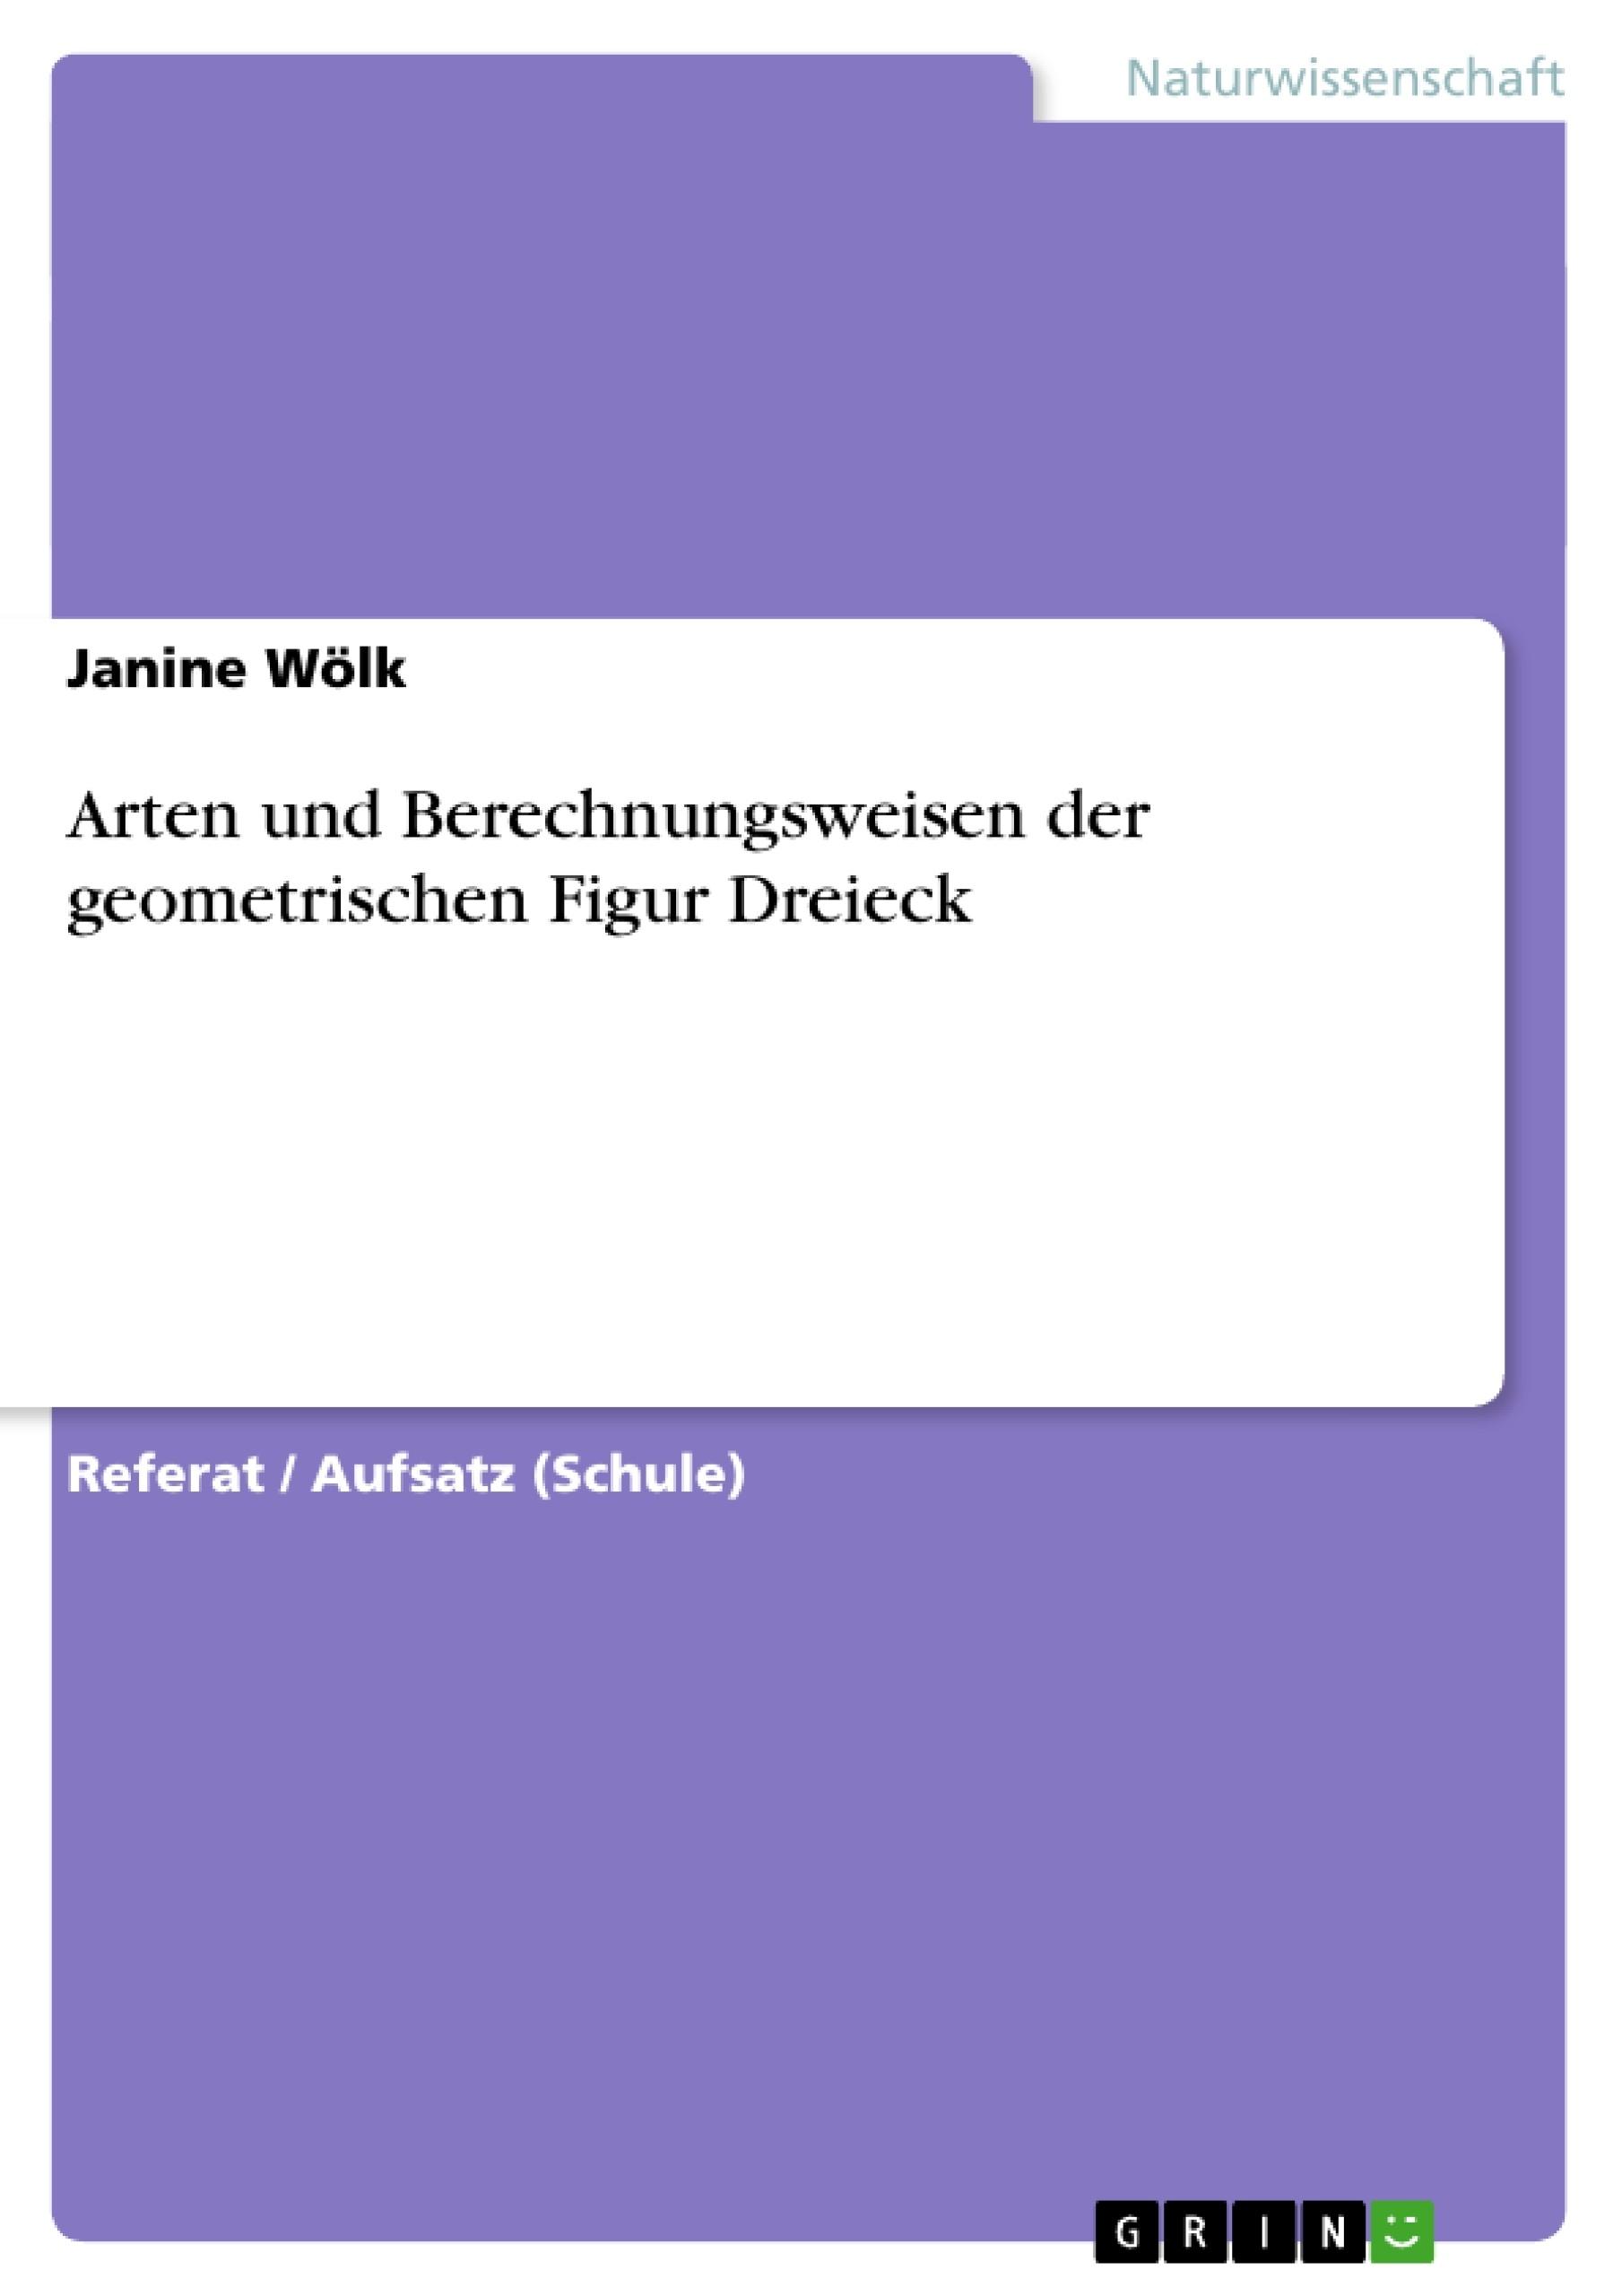 Titel: Arten und Berechnungsweisen der geometrischen Figur Dreieck